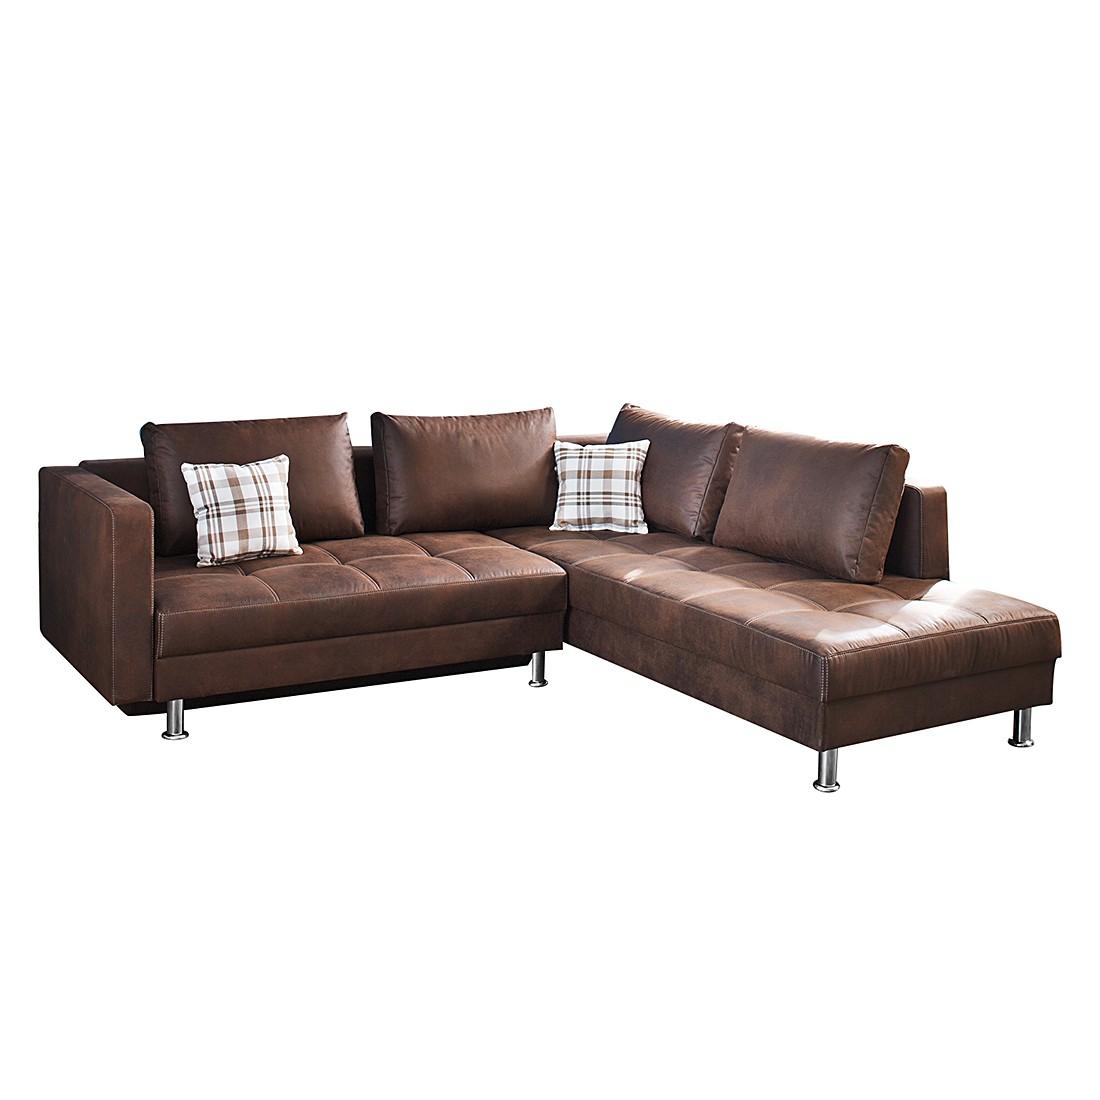 ecksofa antiklederoptik. Black Bedroom Furniture Sets. Home Design Ideas